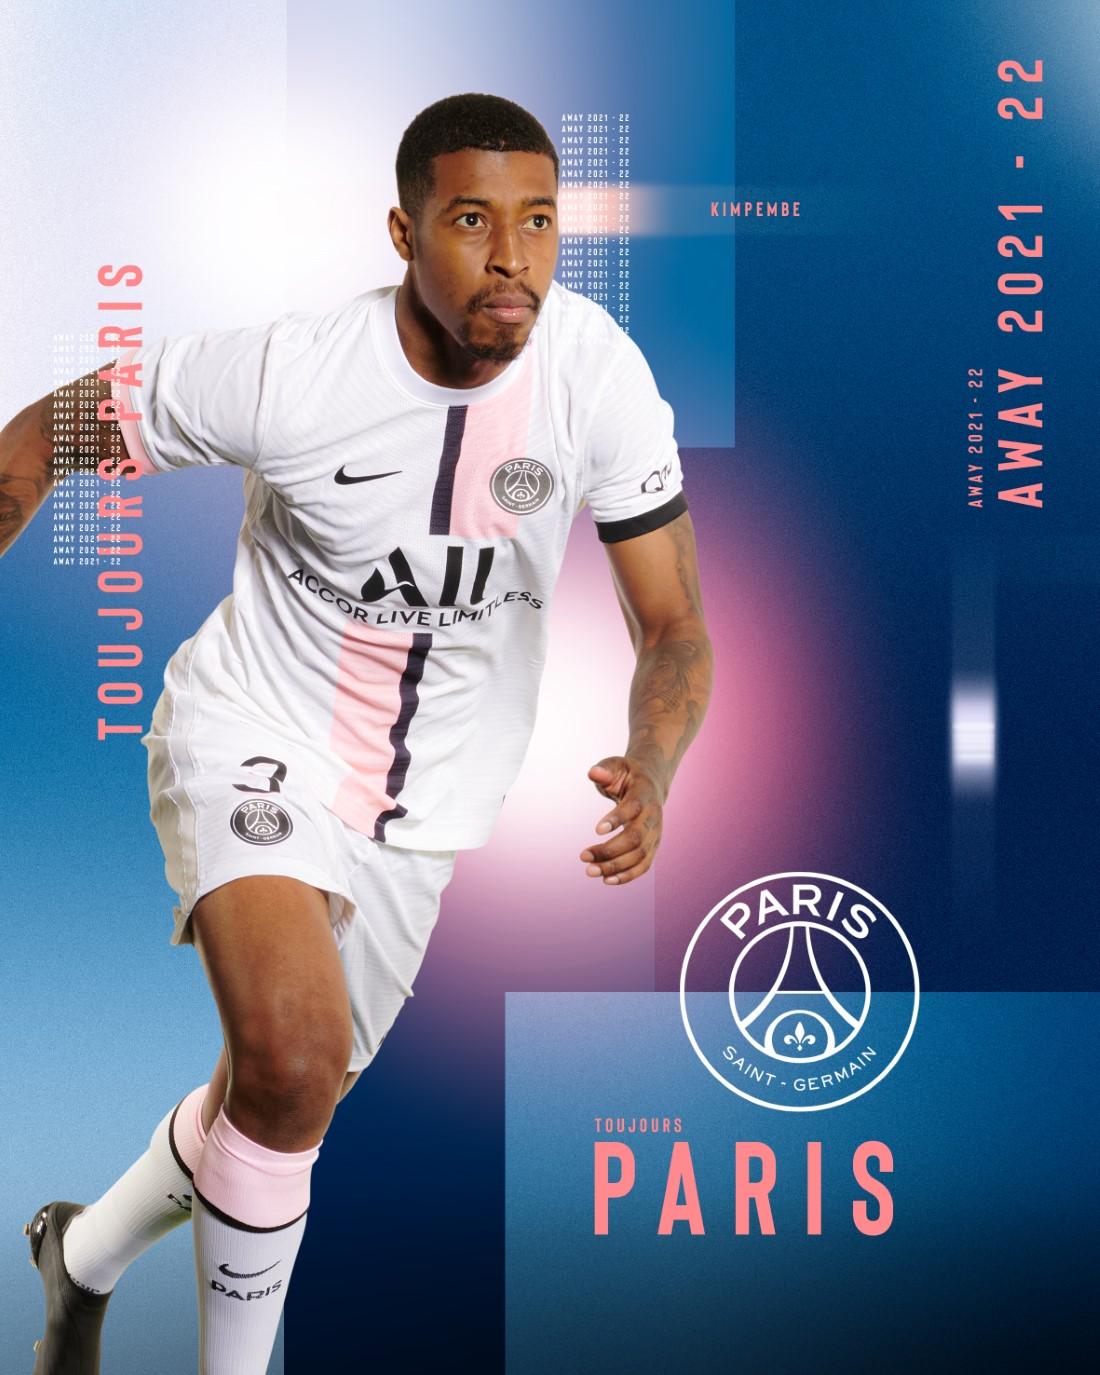 Paris Saint-Germain Maillot Extérieur 2021-22 - Kimpembe